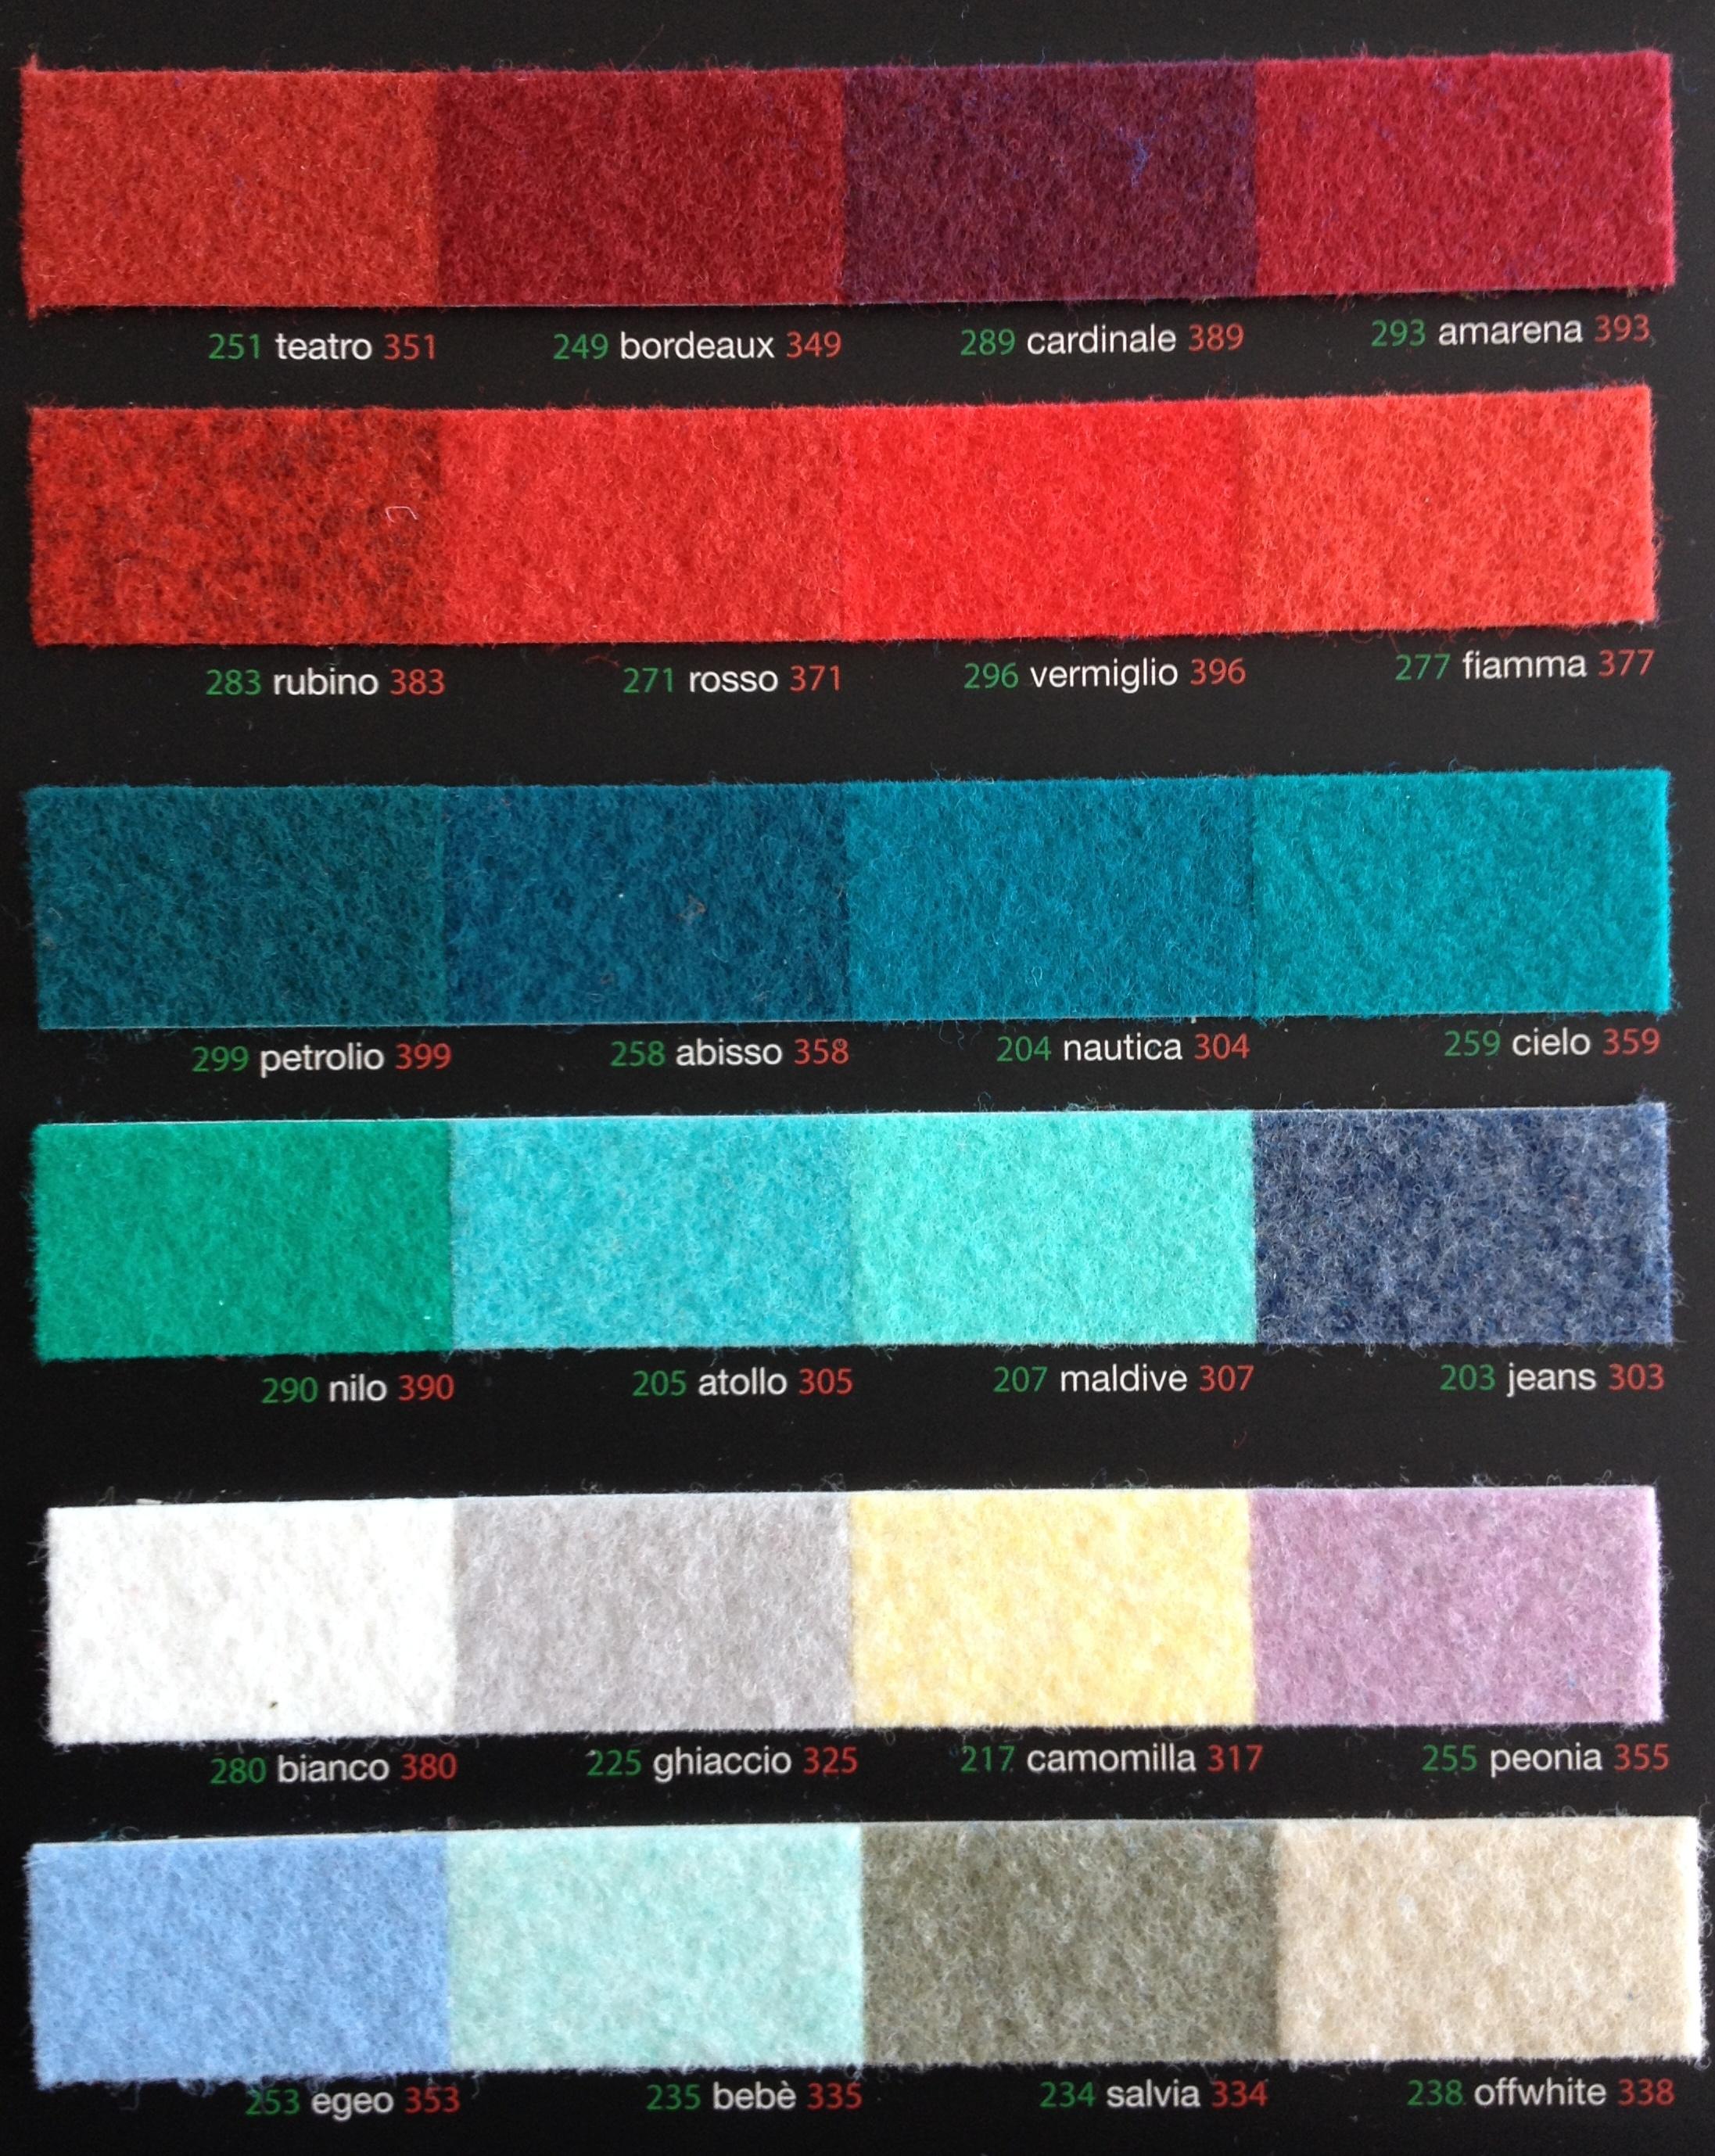 Ingrosso Tappeti San Giuseppe Vesuviano cartella colori 3 tappeti cis di nola isola 7 n. 740 gallo